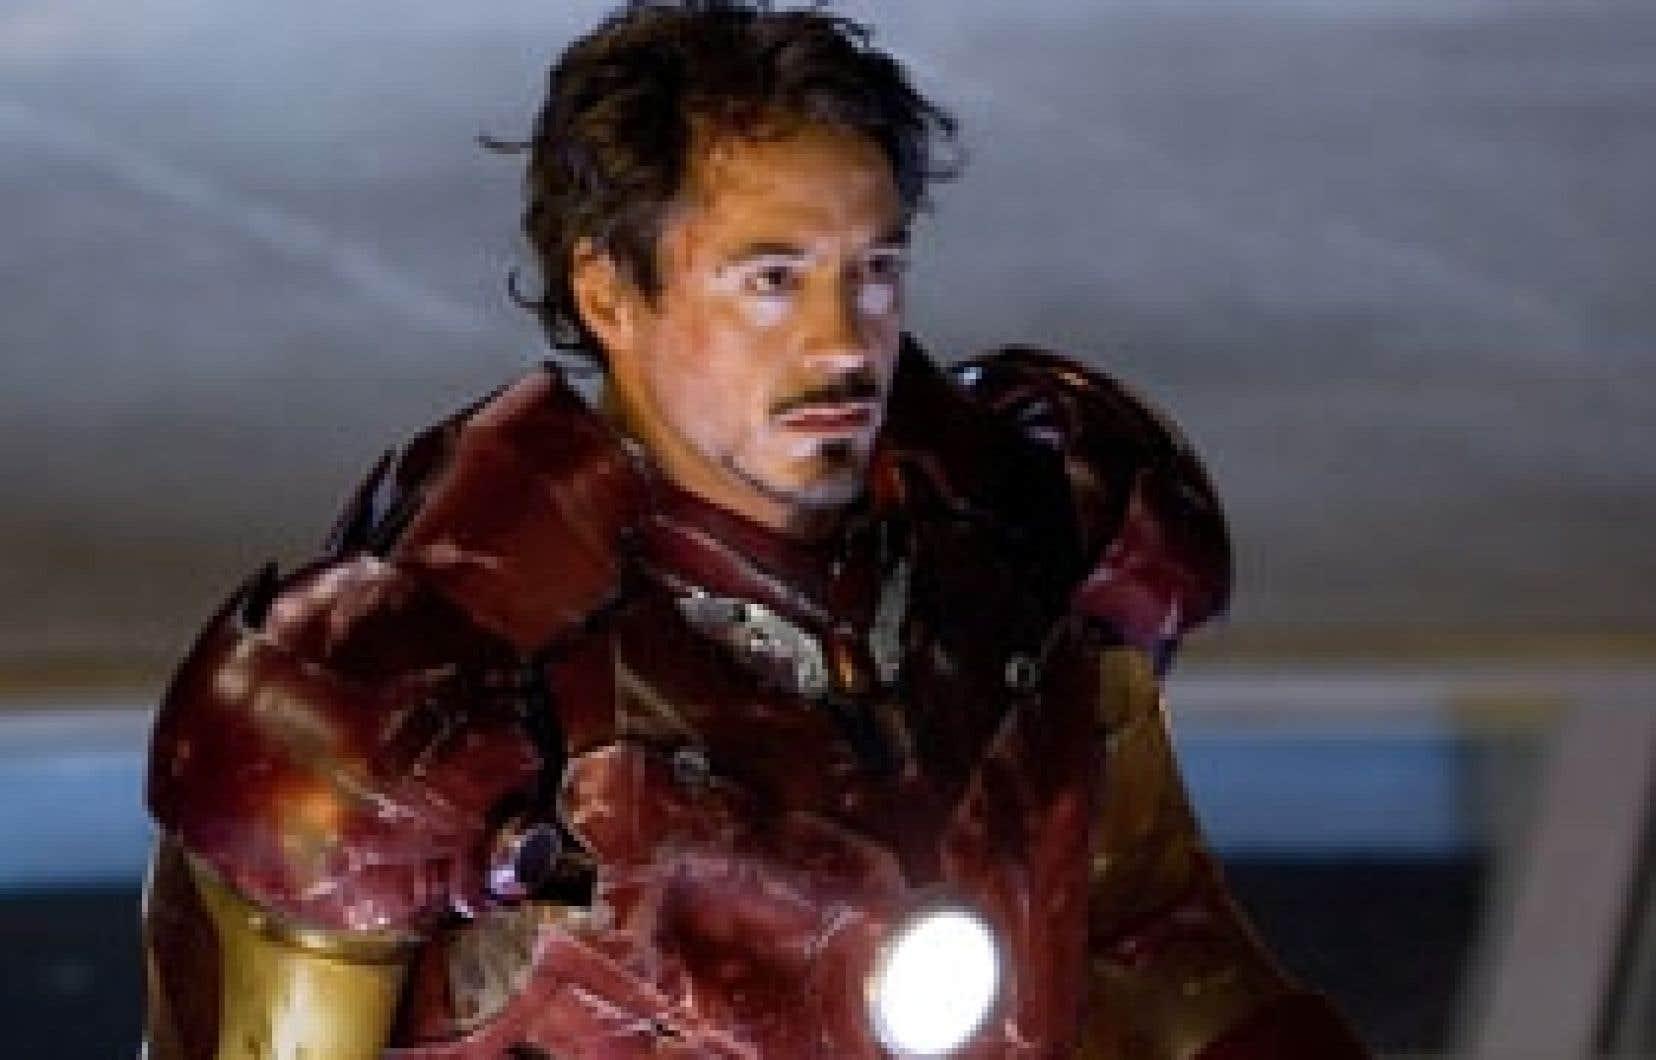 Paramount Pictures Un rôle improbable pour Robert Downey Jr., mais l'acteur relève le défi avec talent.